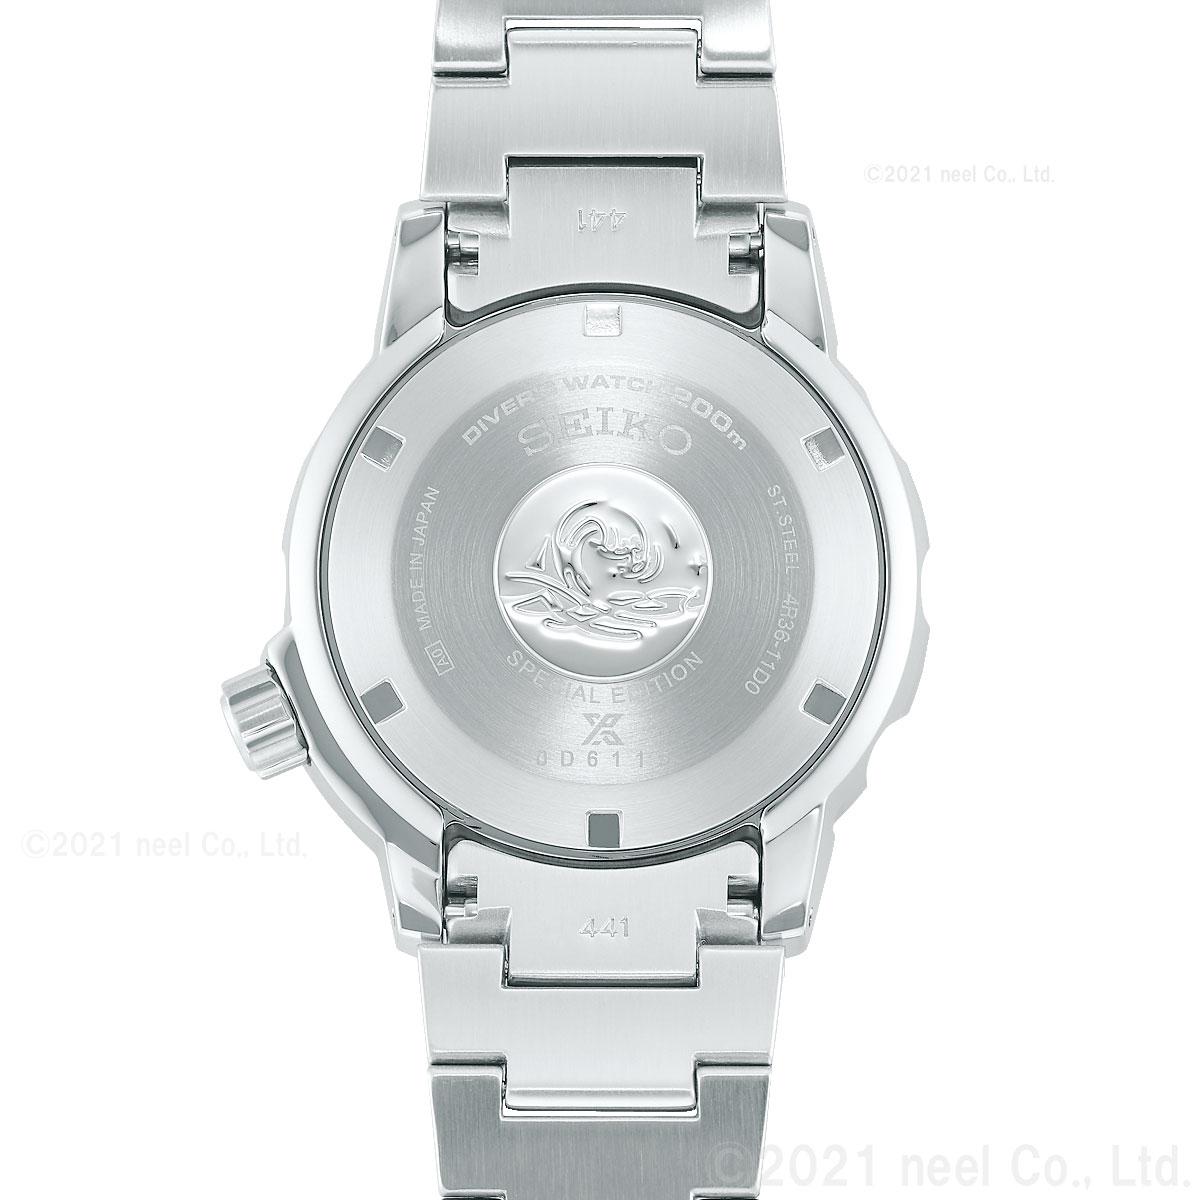 セイコー プロスペックス SEIKO PROSPEX ダイバー 自動巻き Save the Ocean 腕時計 モンスター SBDY105